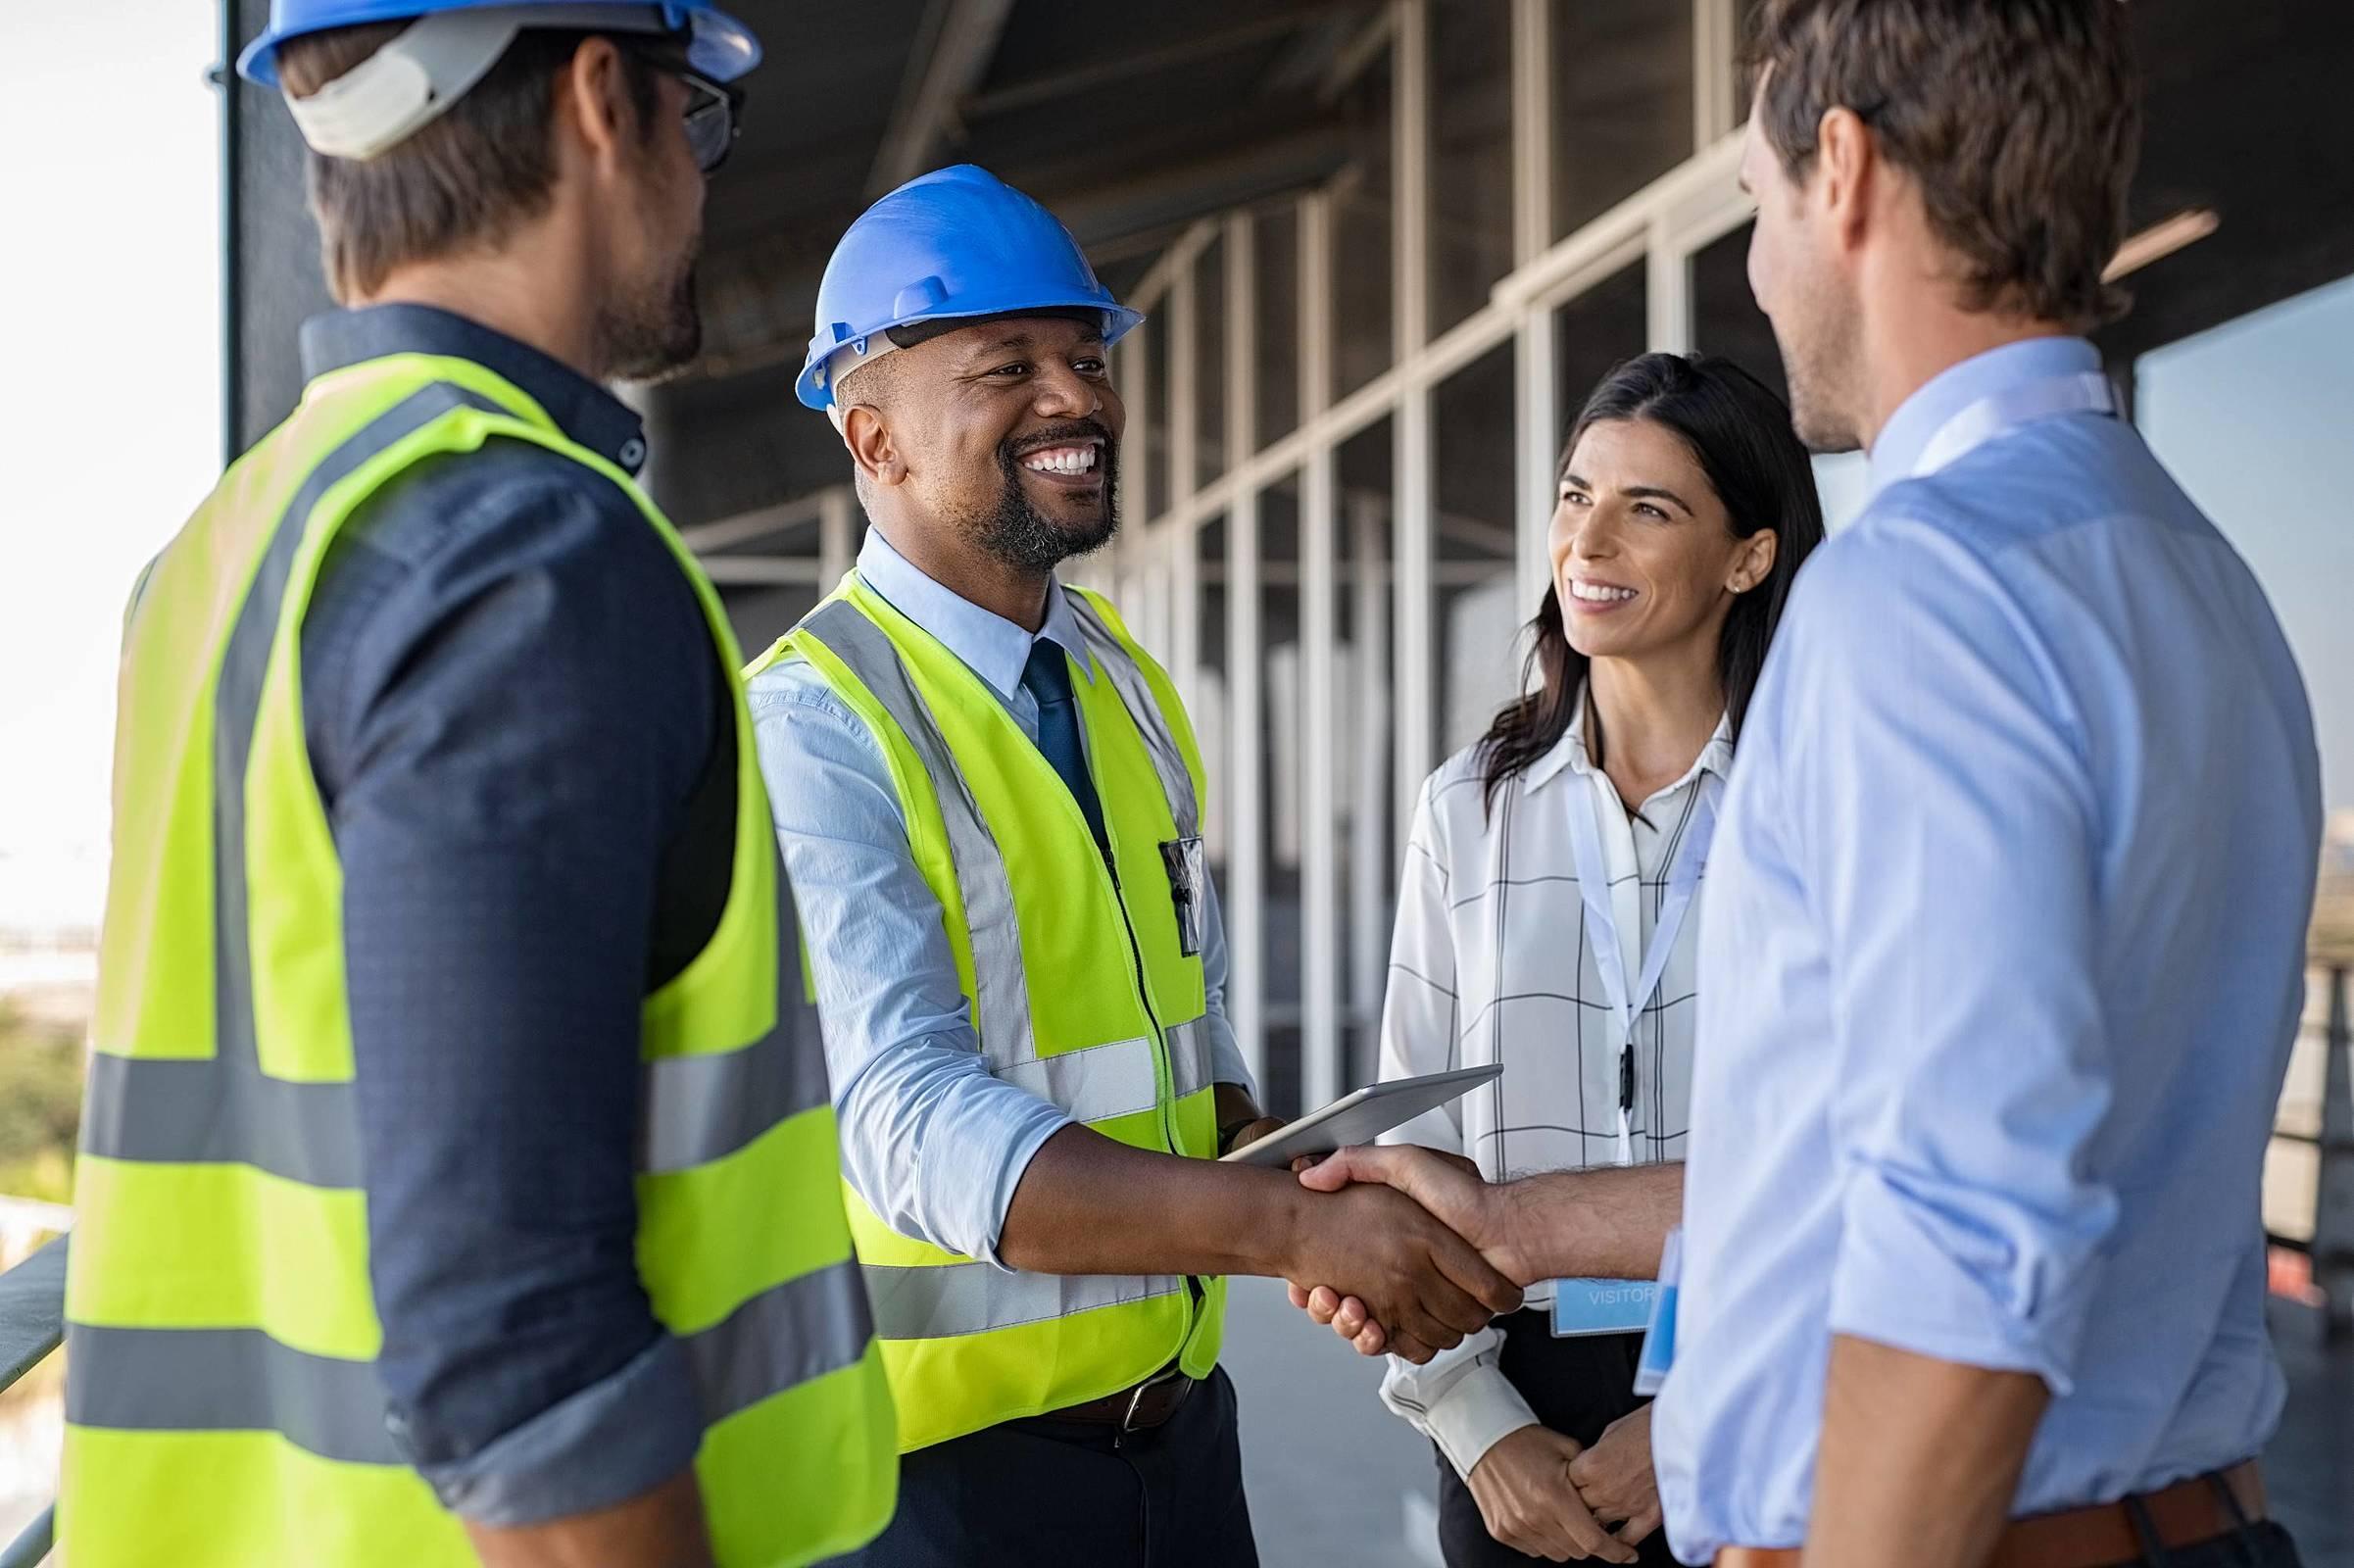 Descubra quando a terceirização na construção civil vale a pena